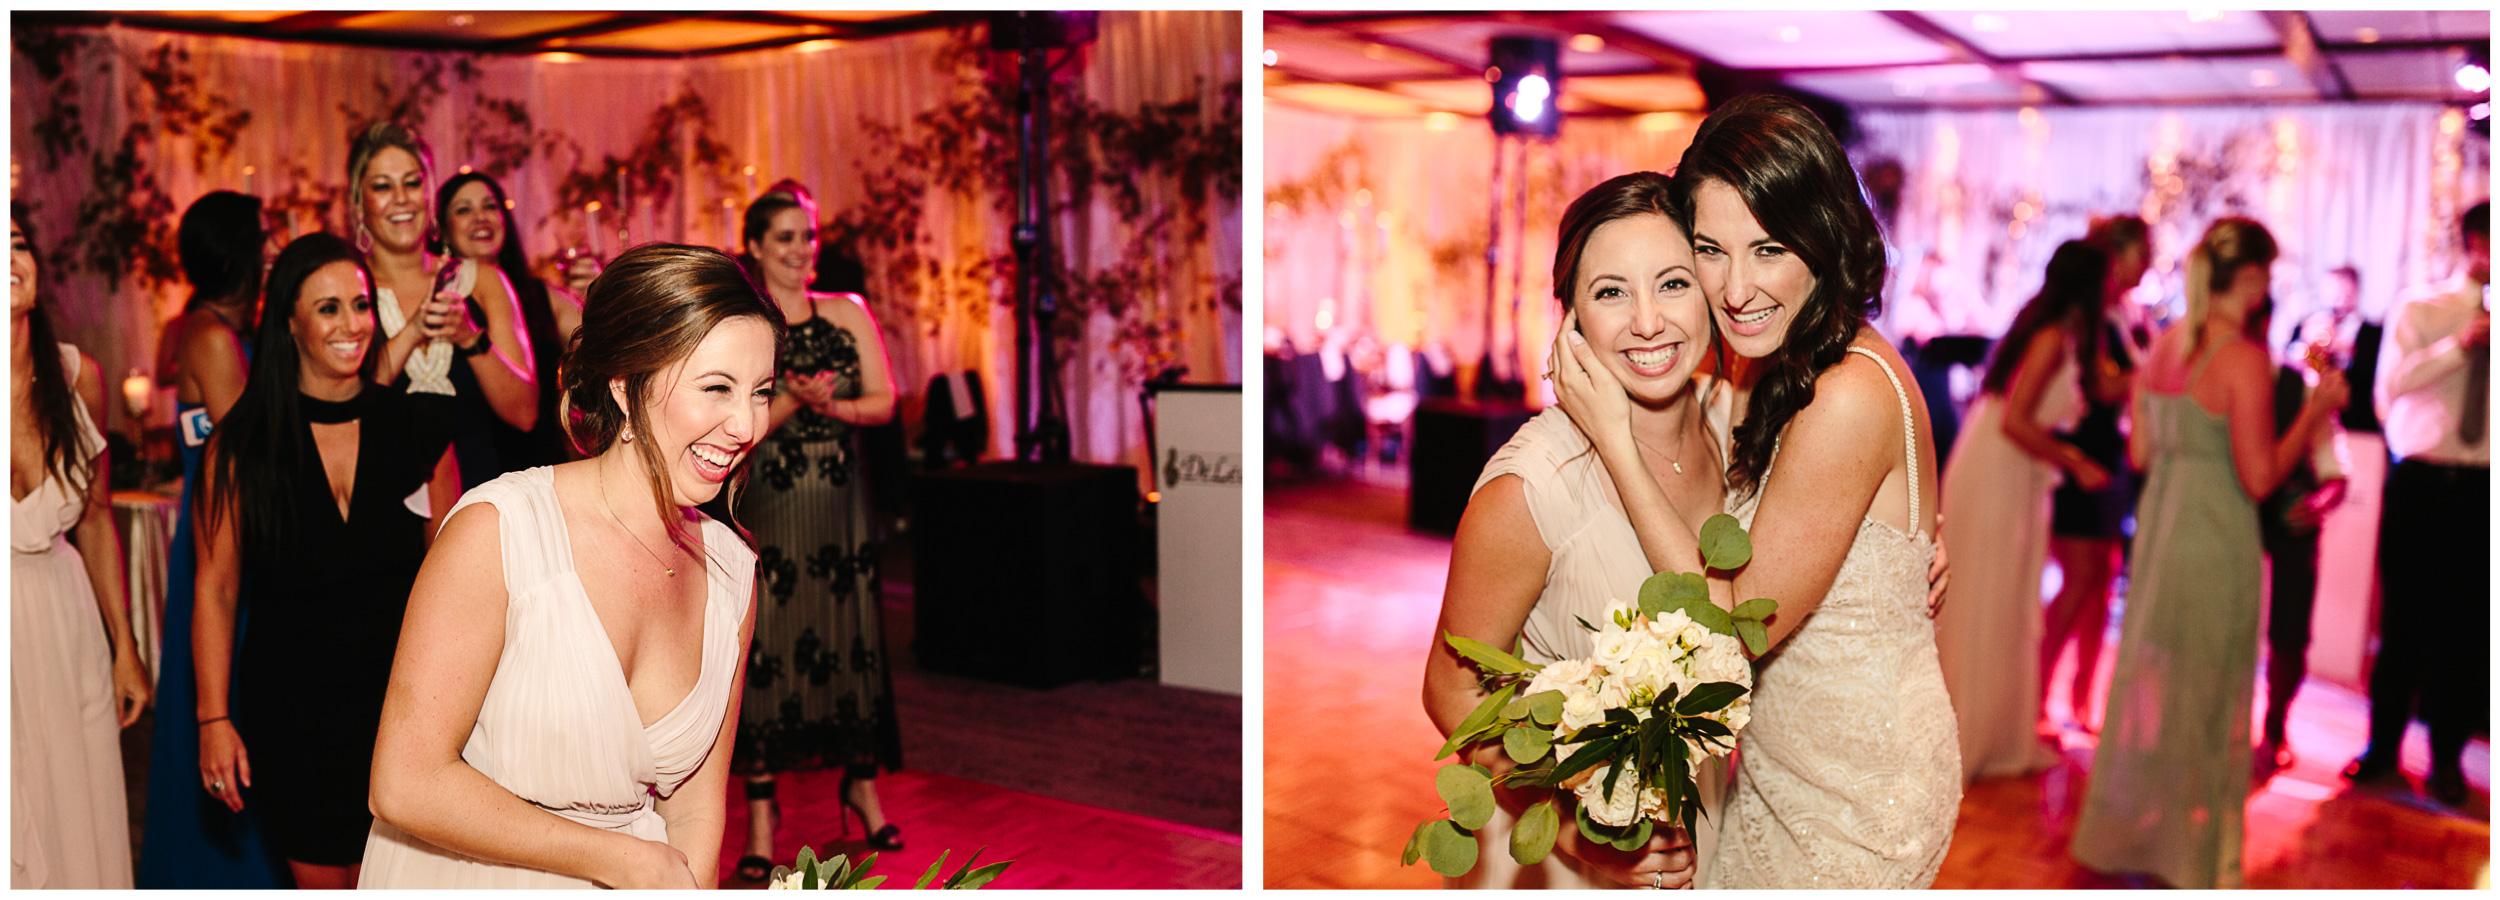 marie_selby_wedding_96.jpg